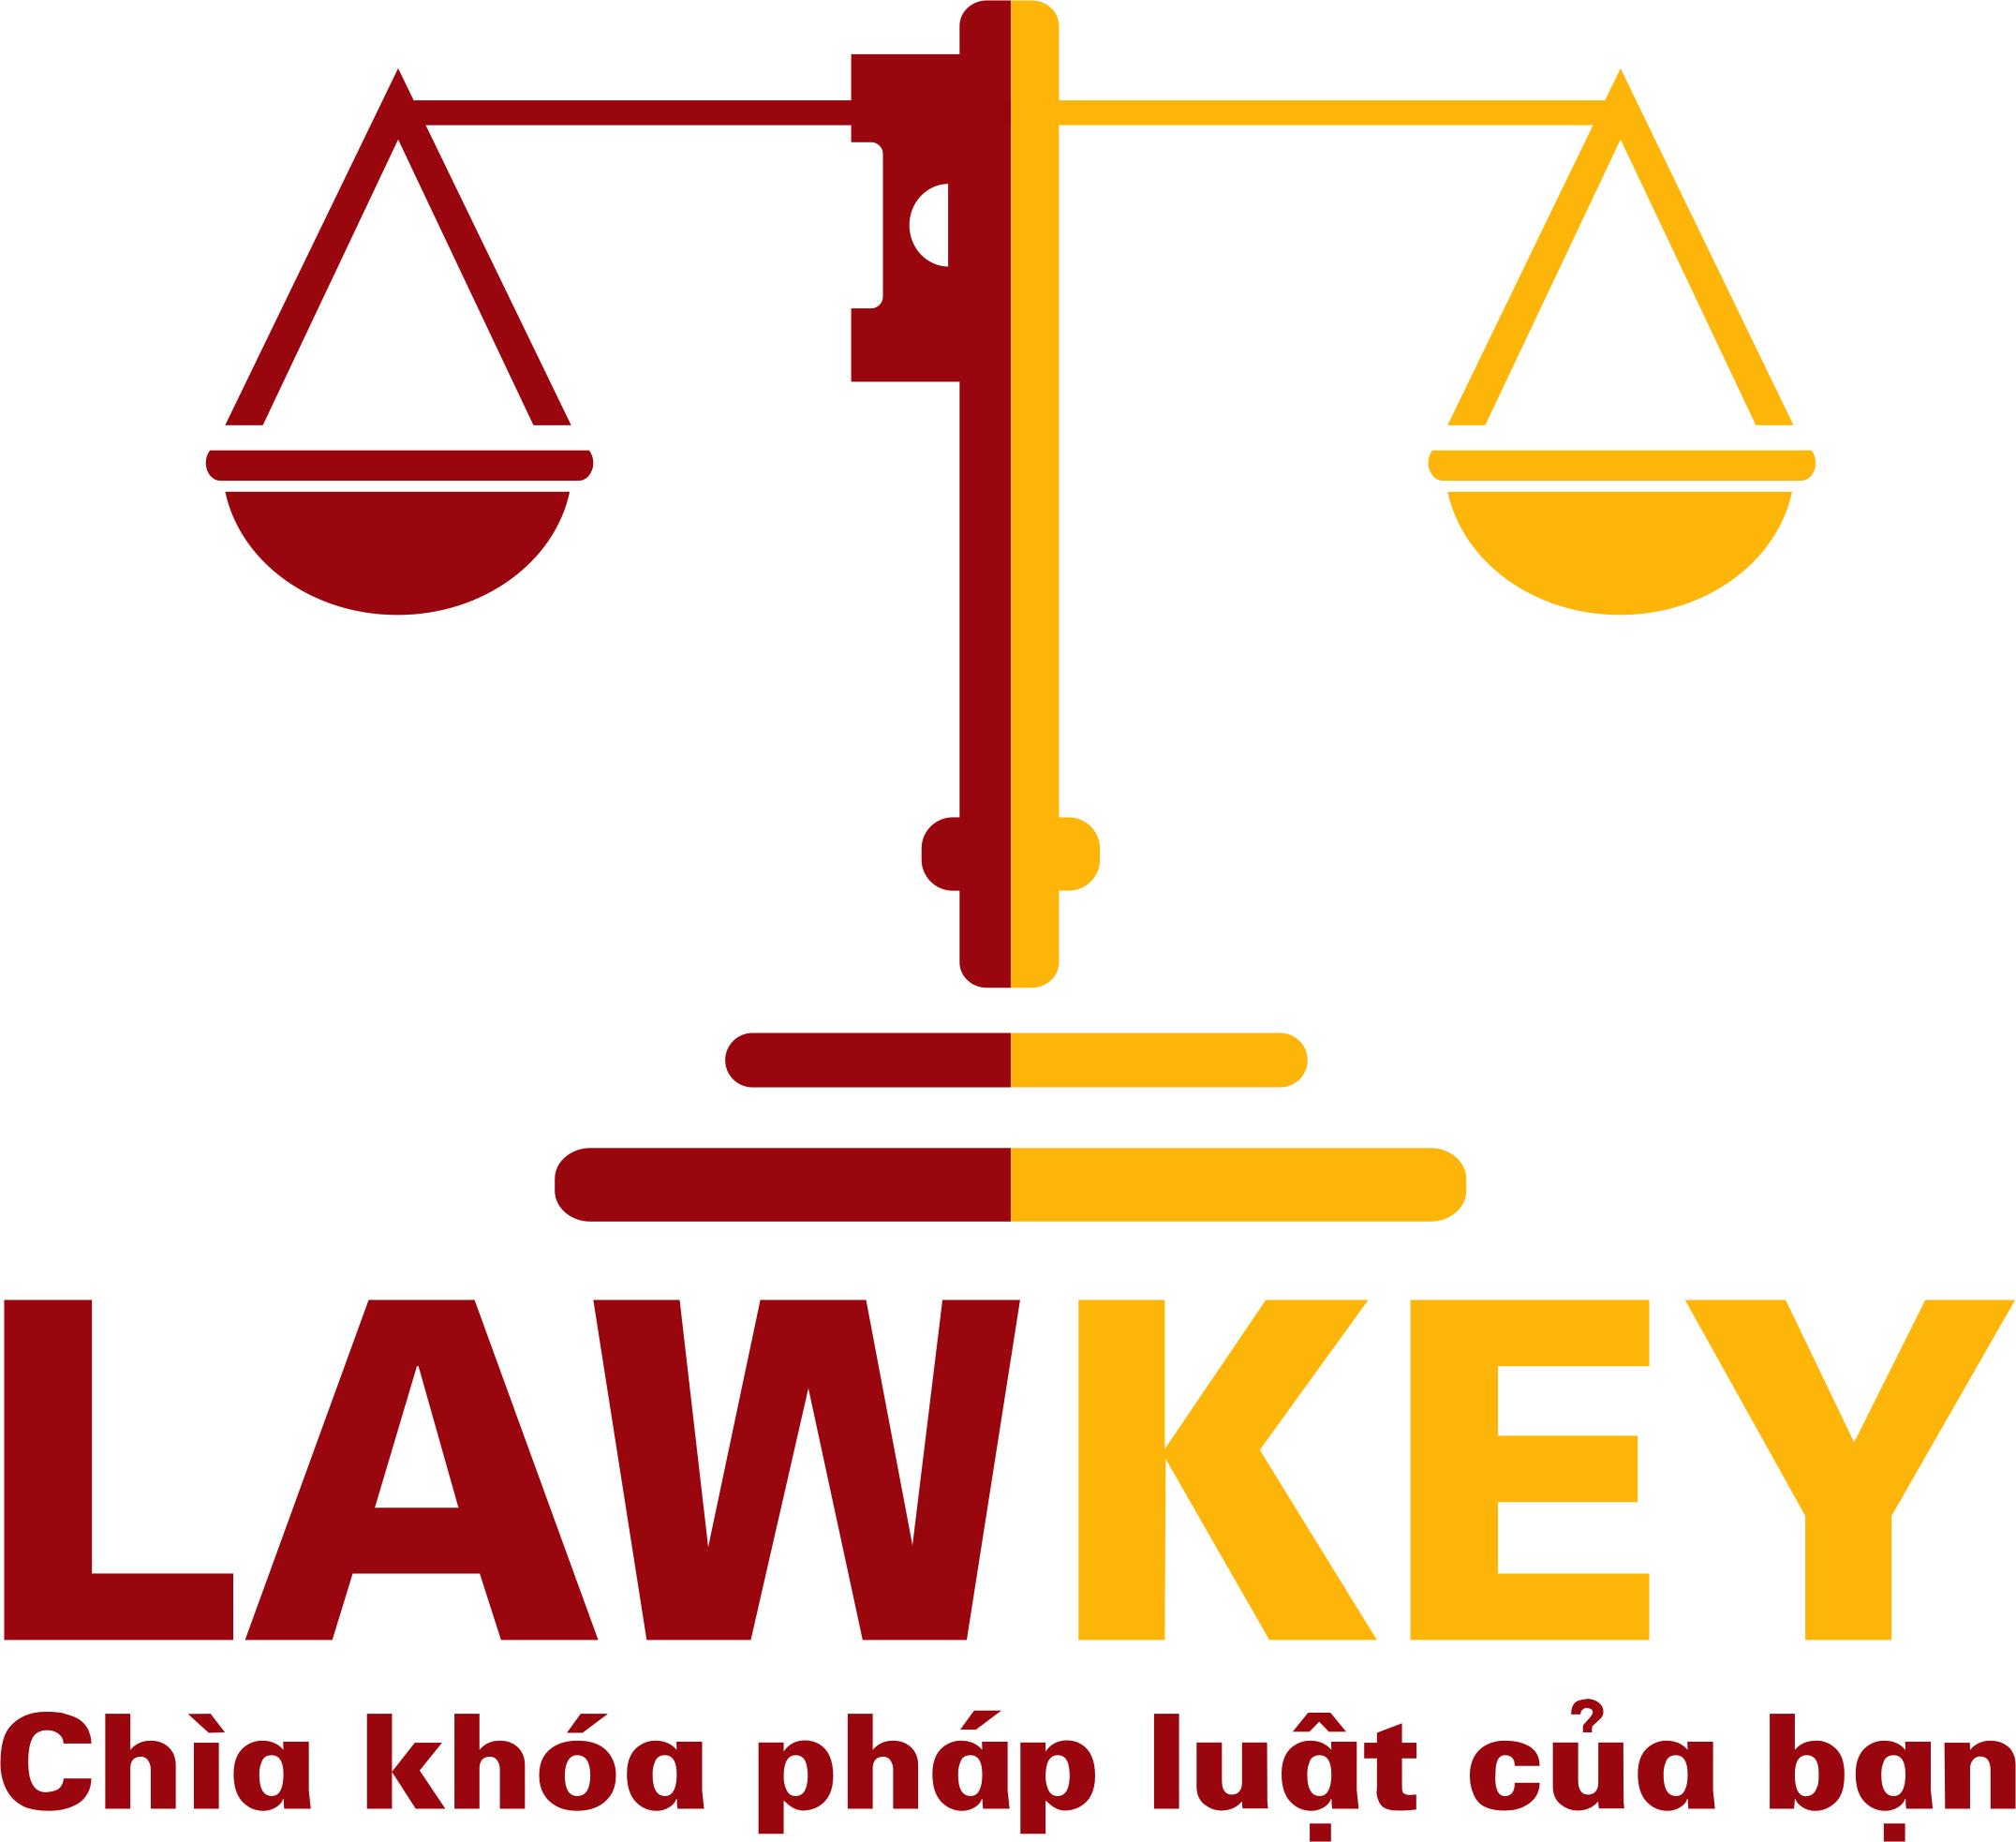 Thế Giới Luật Và Kế Toán